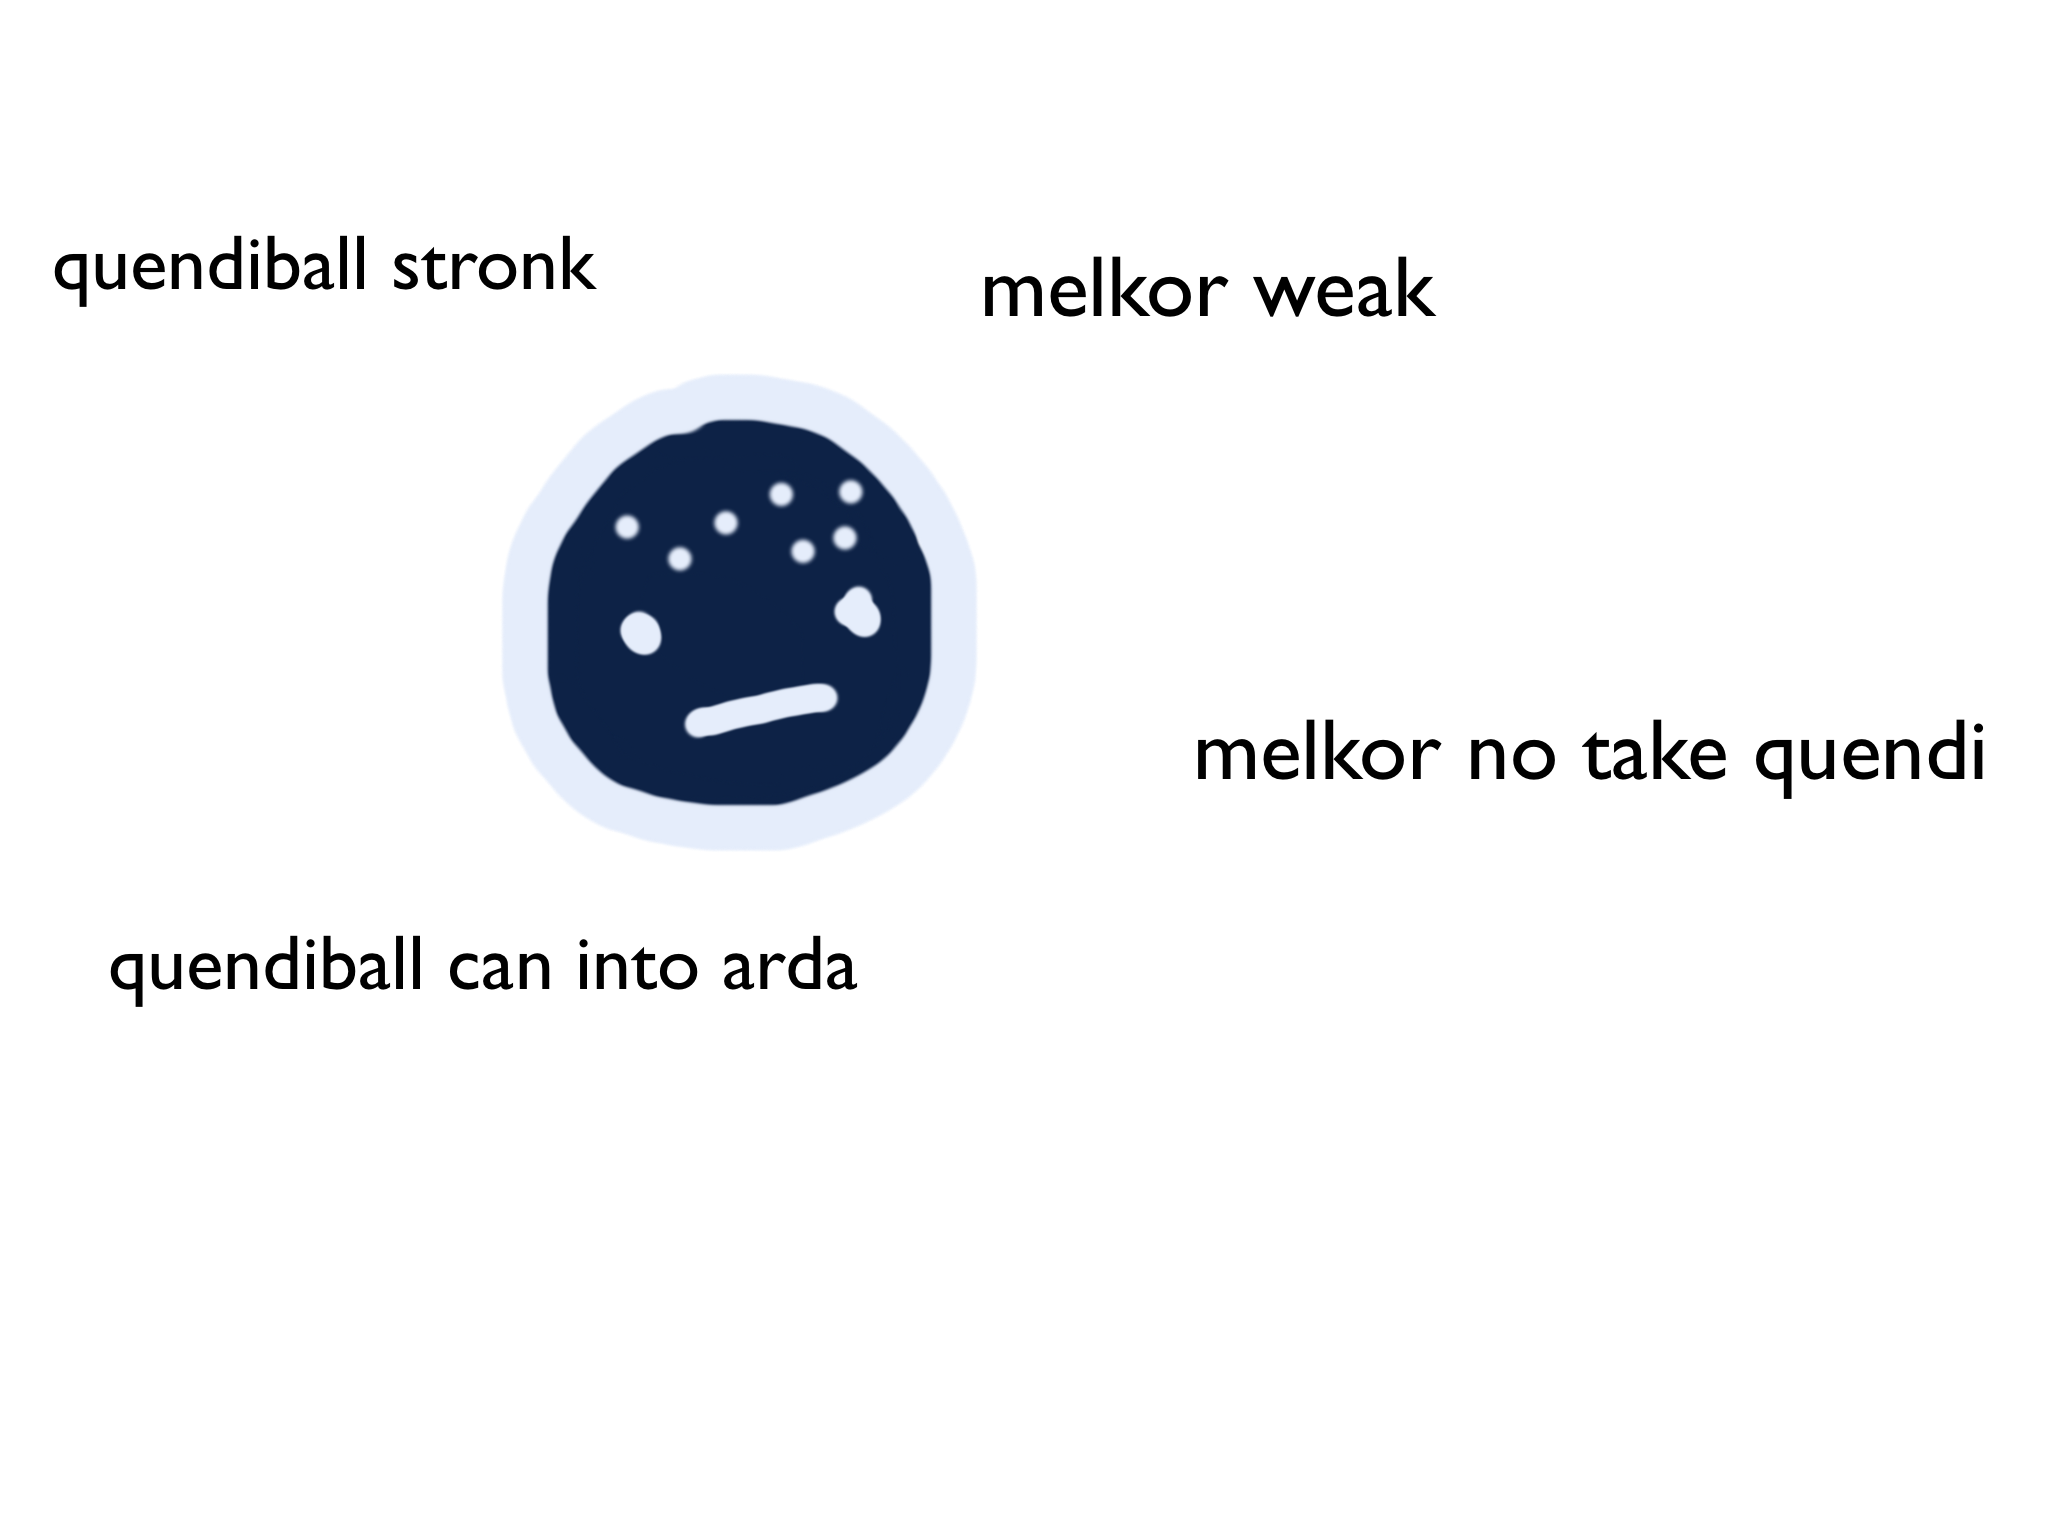 QuendiballStronk